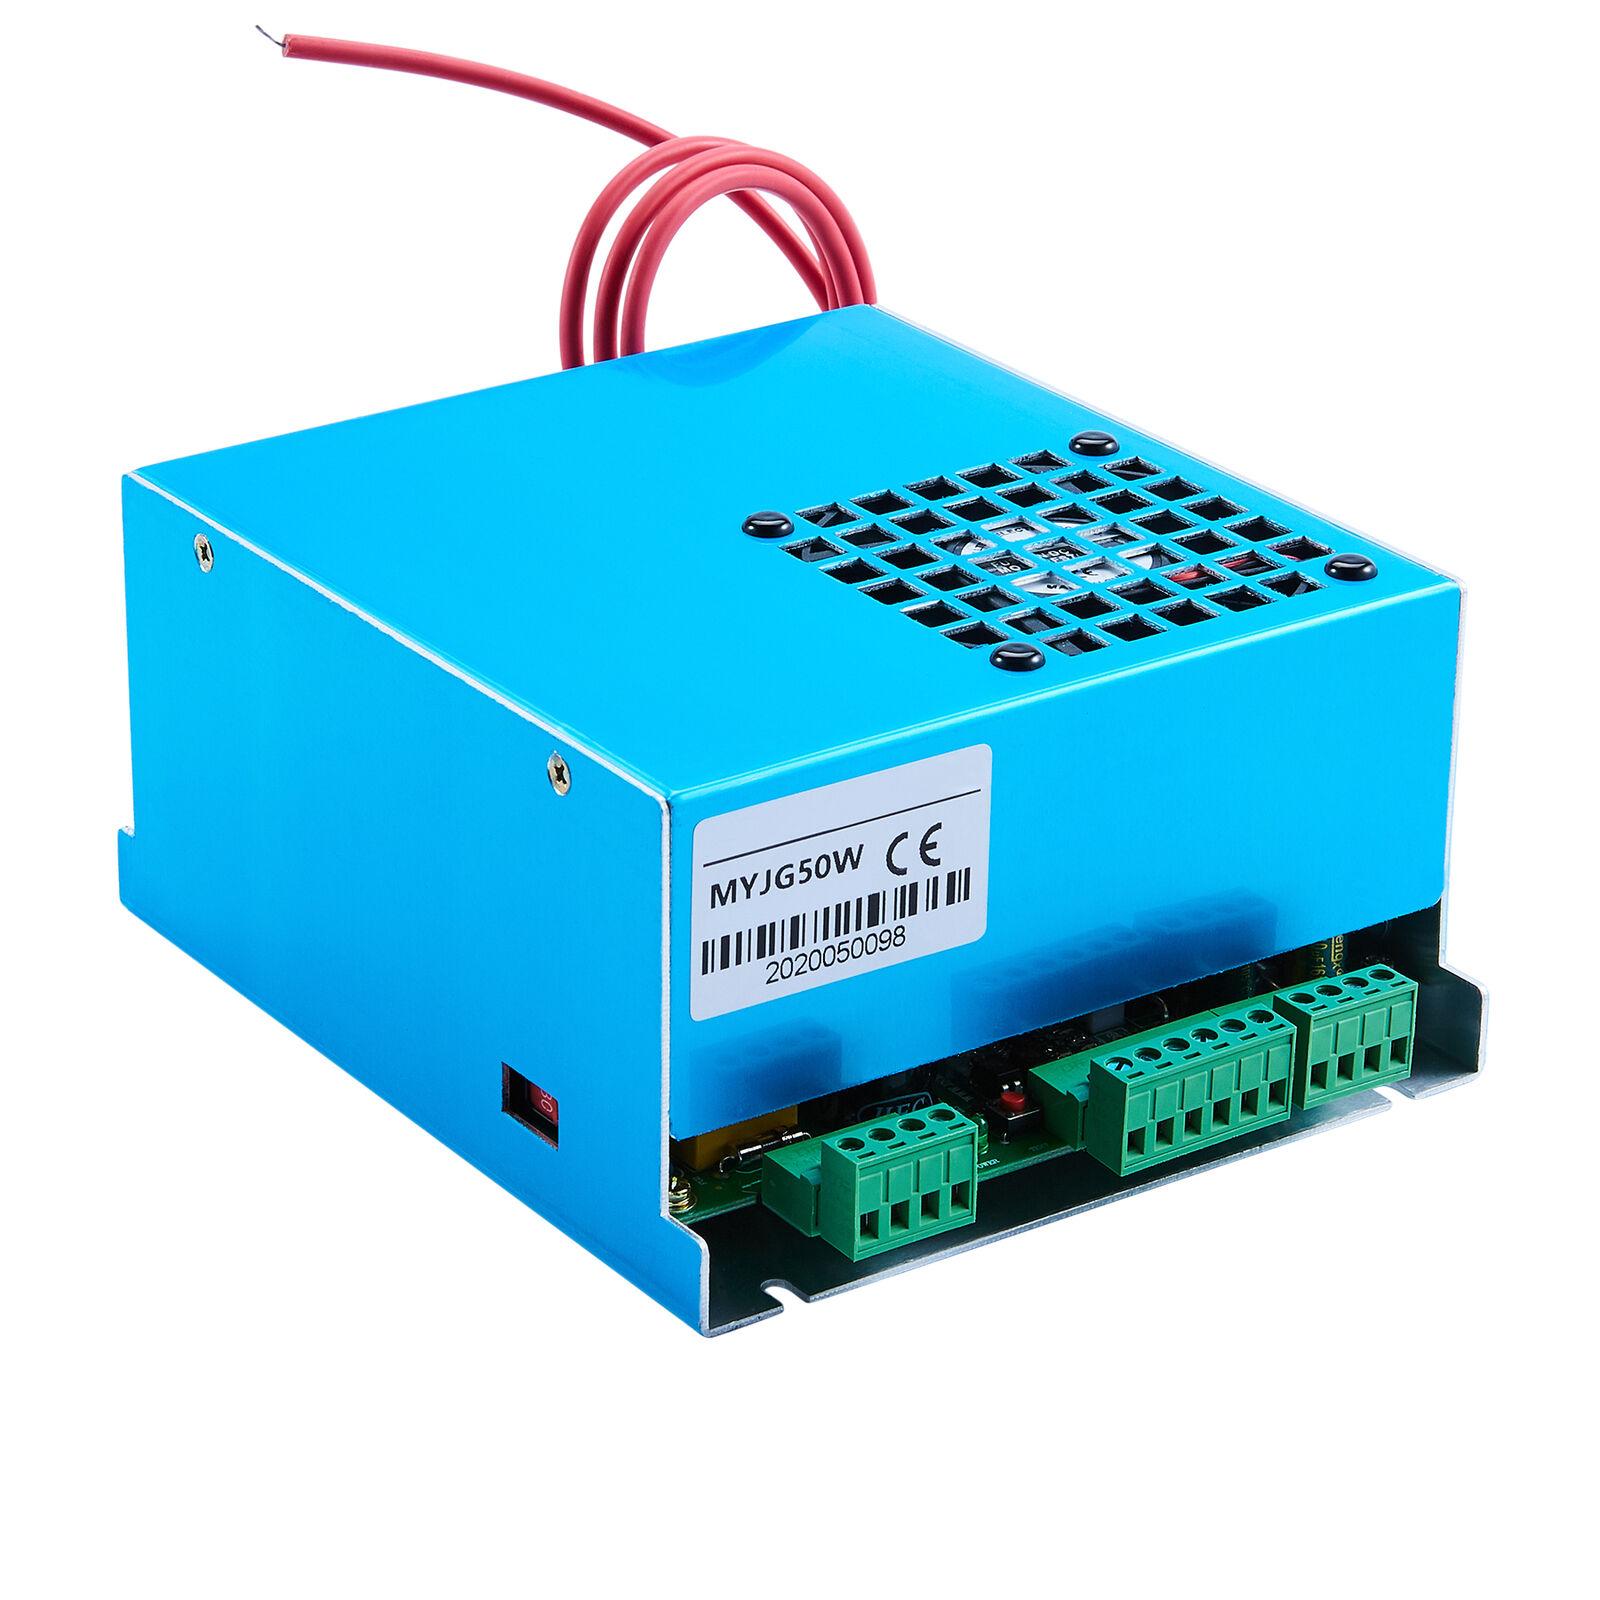 40W 50W 60W 80W 100W Laser Netzteil Power Resource für CO2 Laser Gravurmaschine